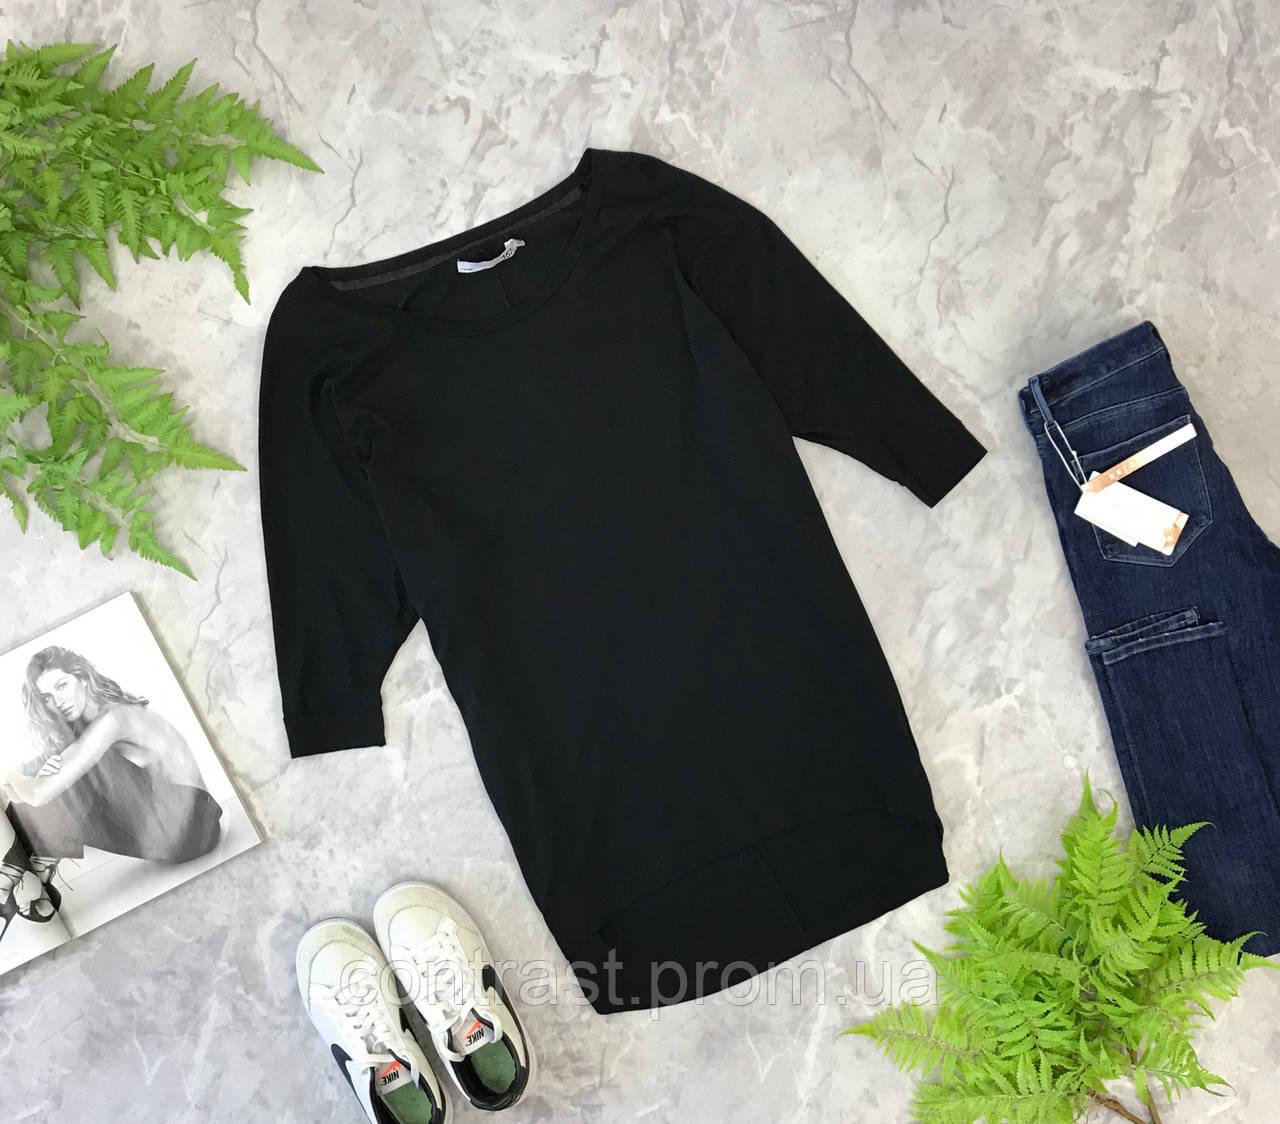 Удлиненная футболка для базового гардероба  TS1849099